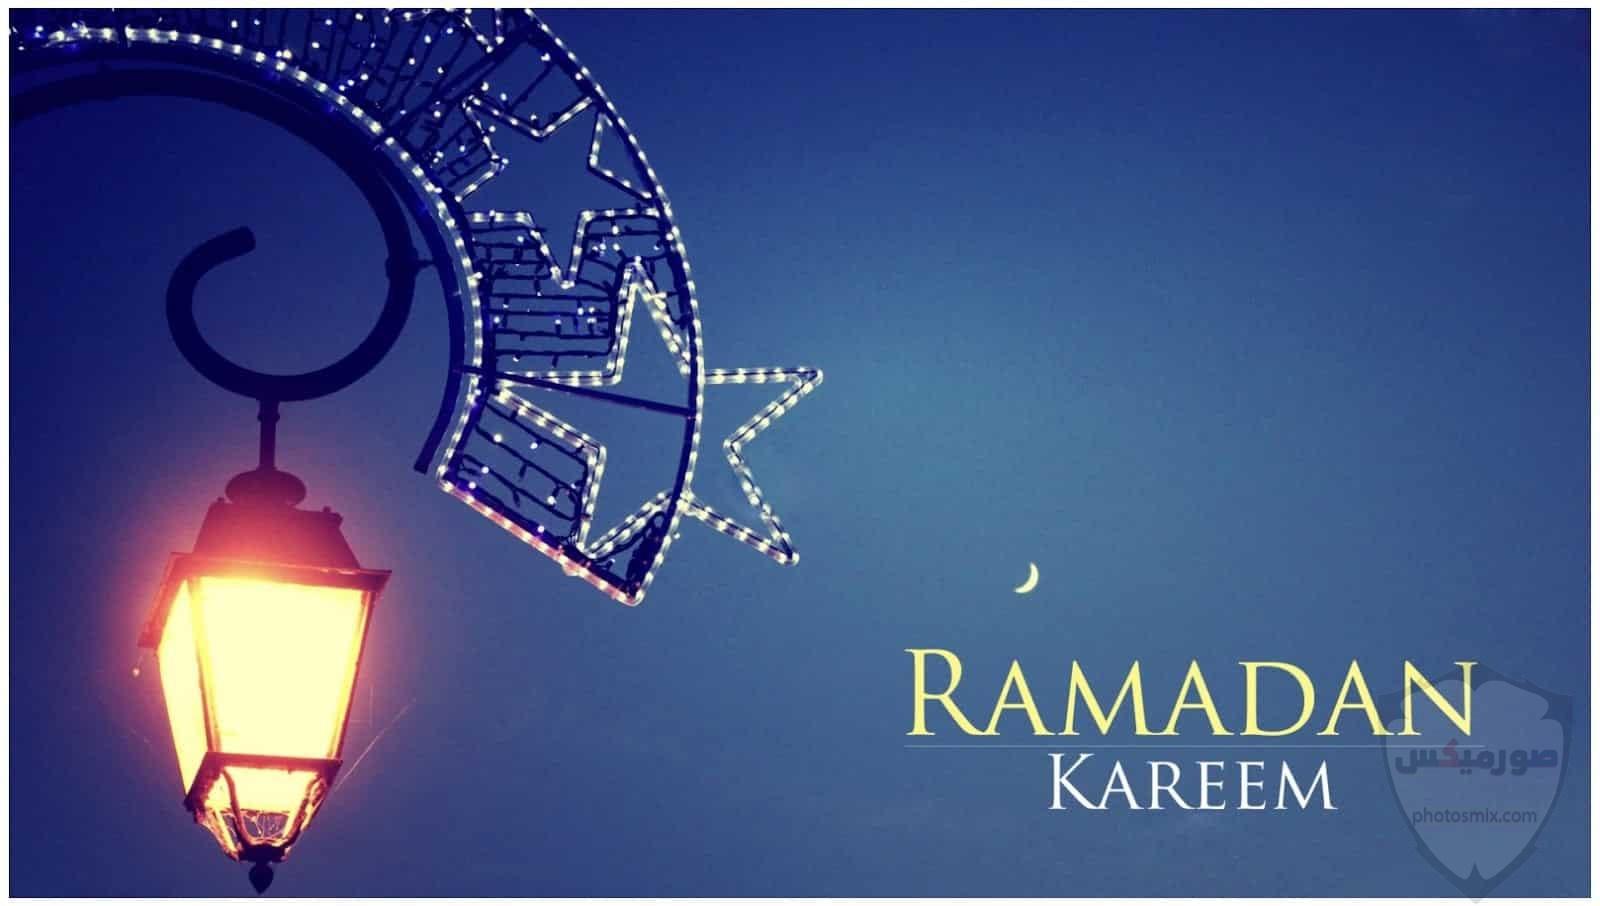 صور رمضان 2020 اجمل صور فوانيس وادعية رمضان 1